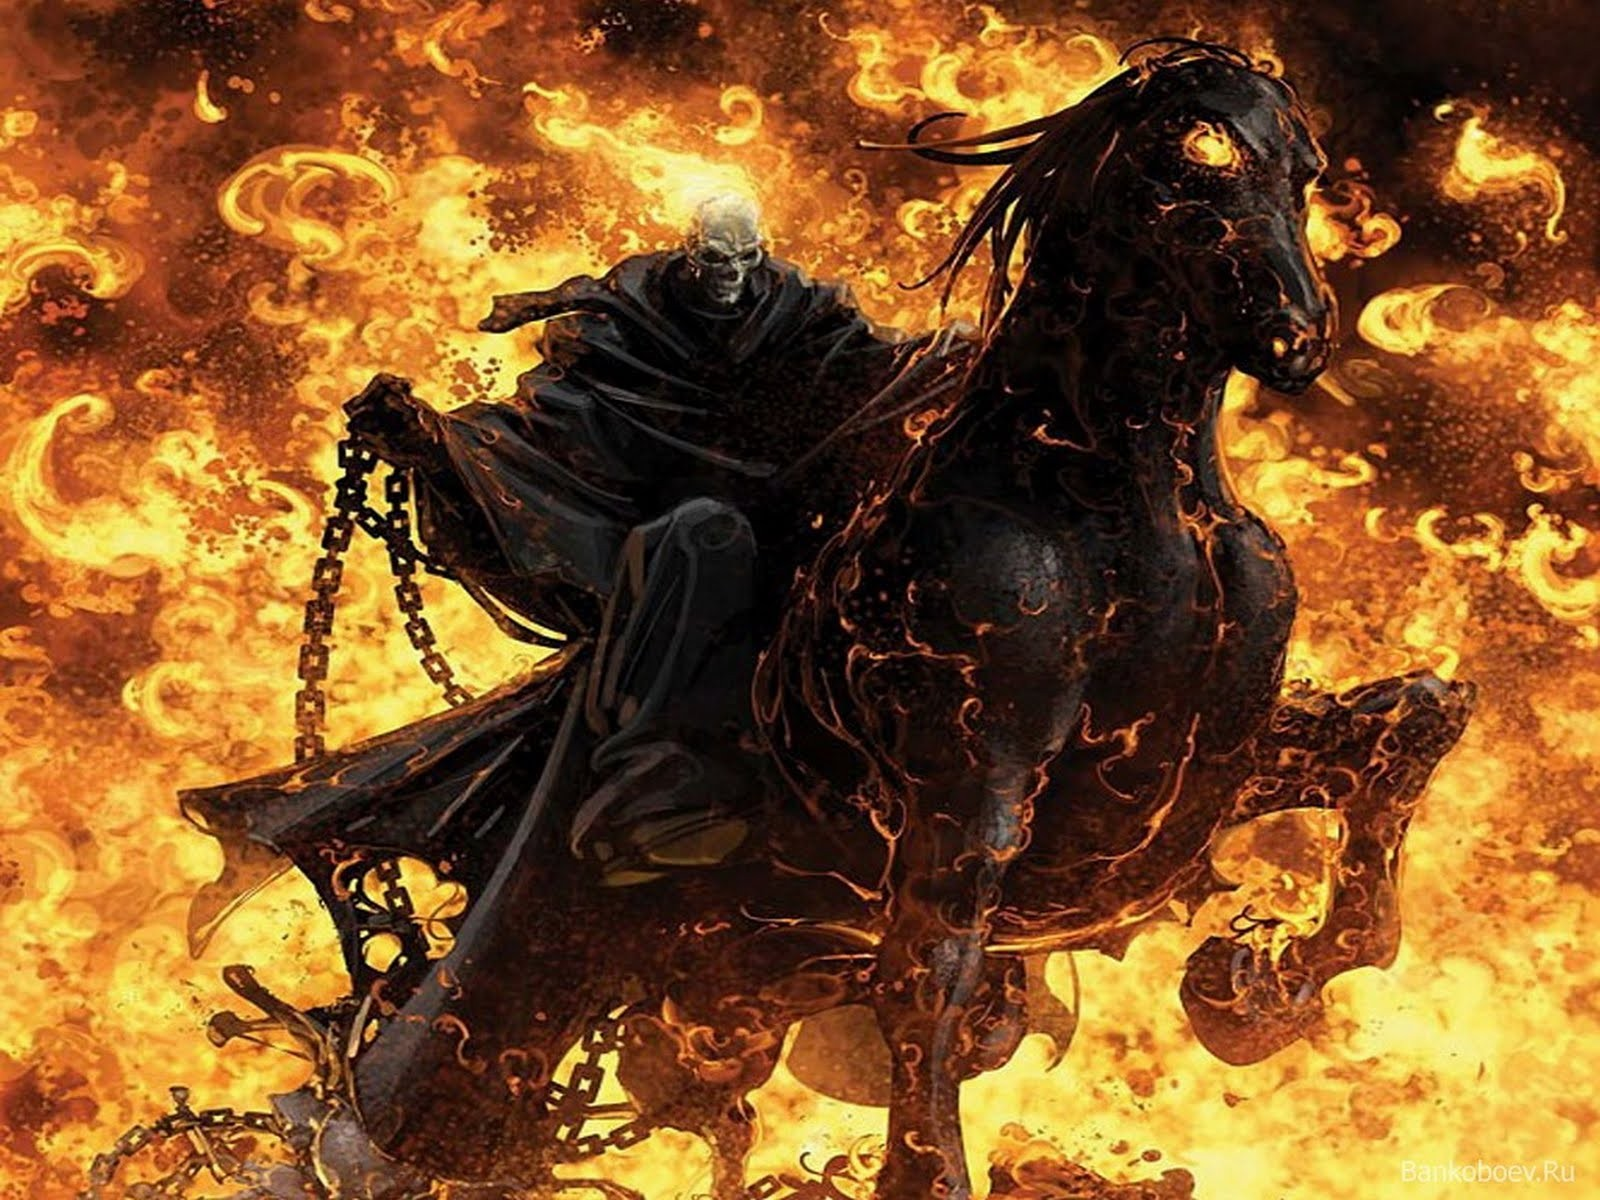 Ghost Rider ghost rider fire skull 1600x1200jpg 1600x1200